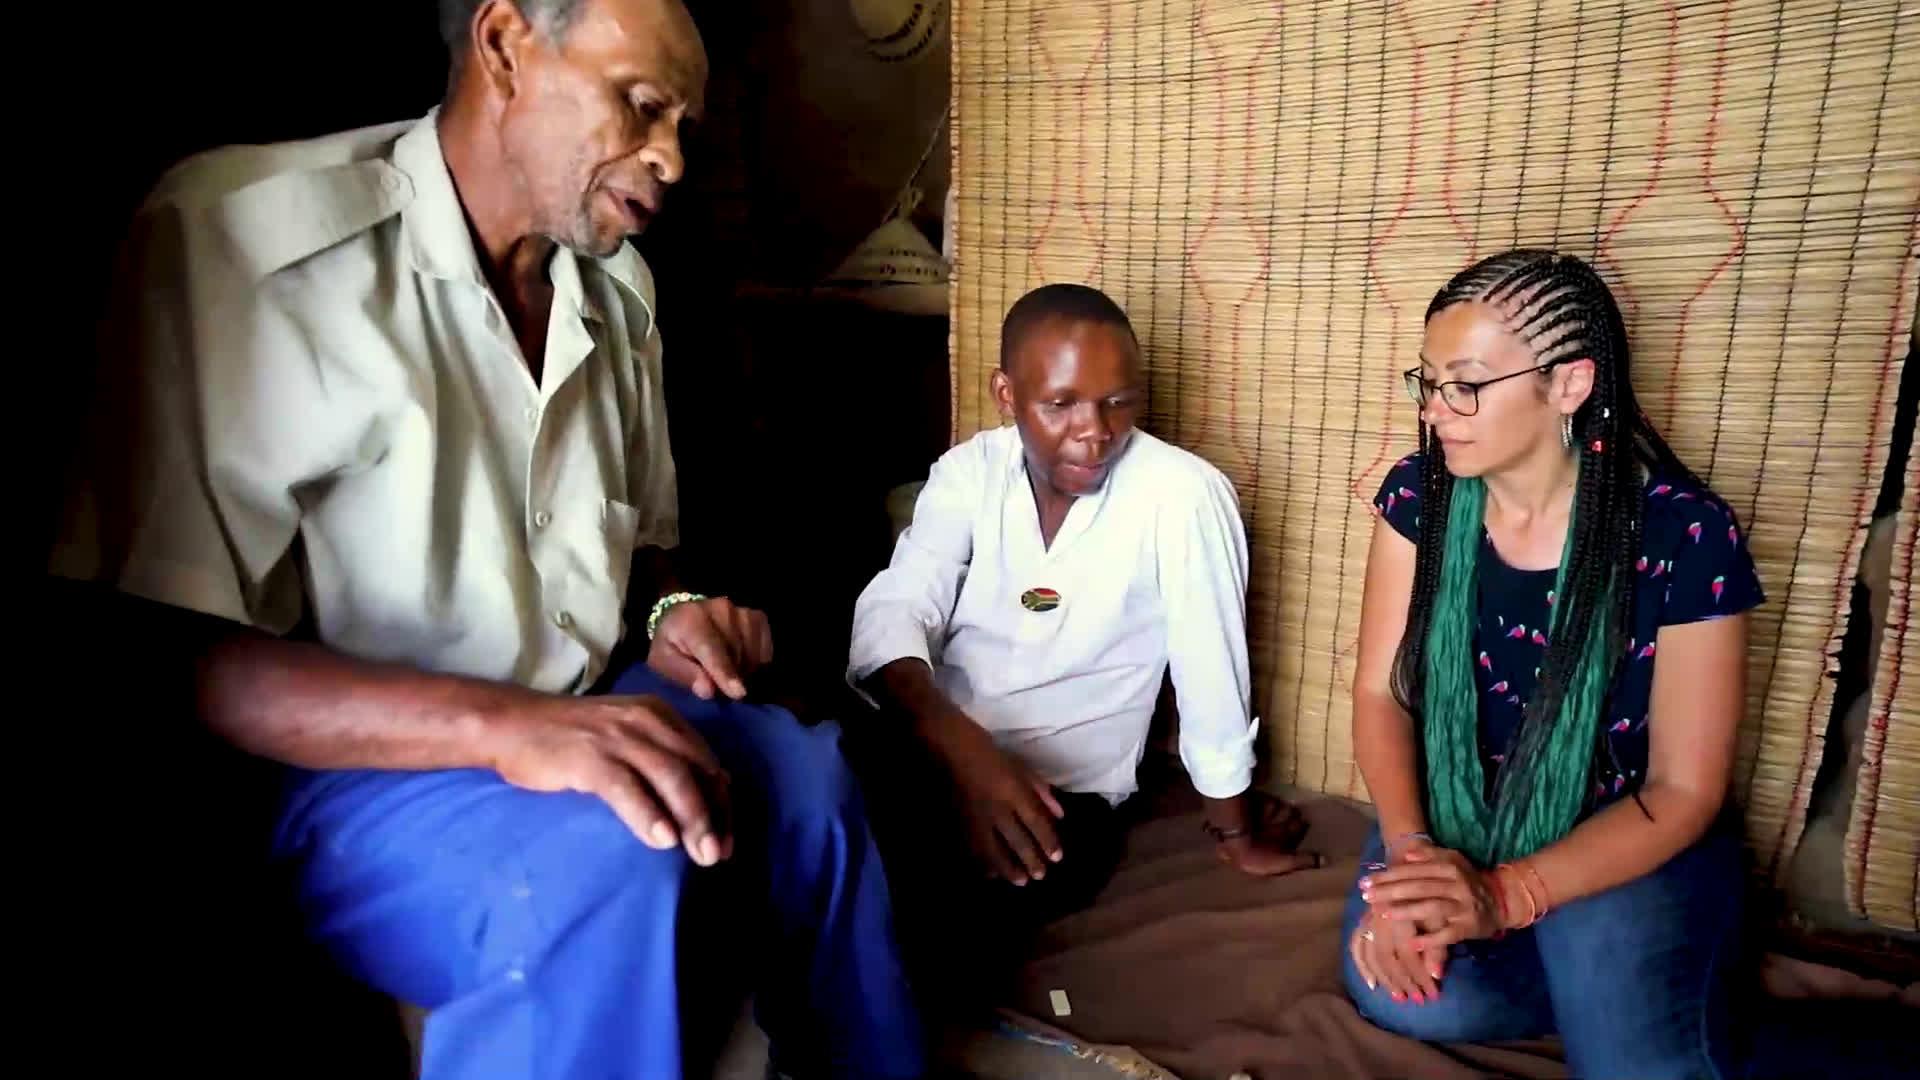 Традиционни лечители 1, Южна Африка (Без багаж еп.211 трейлър).